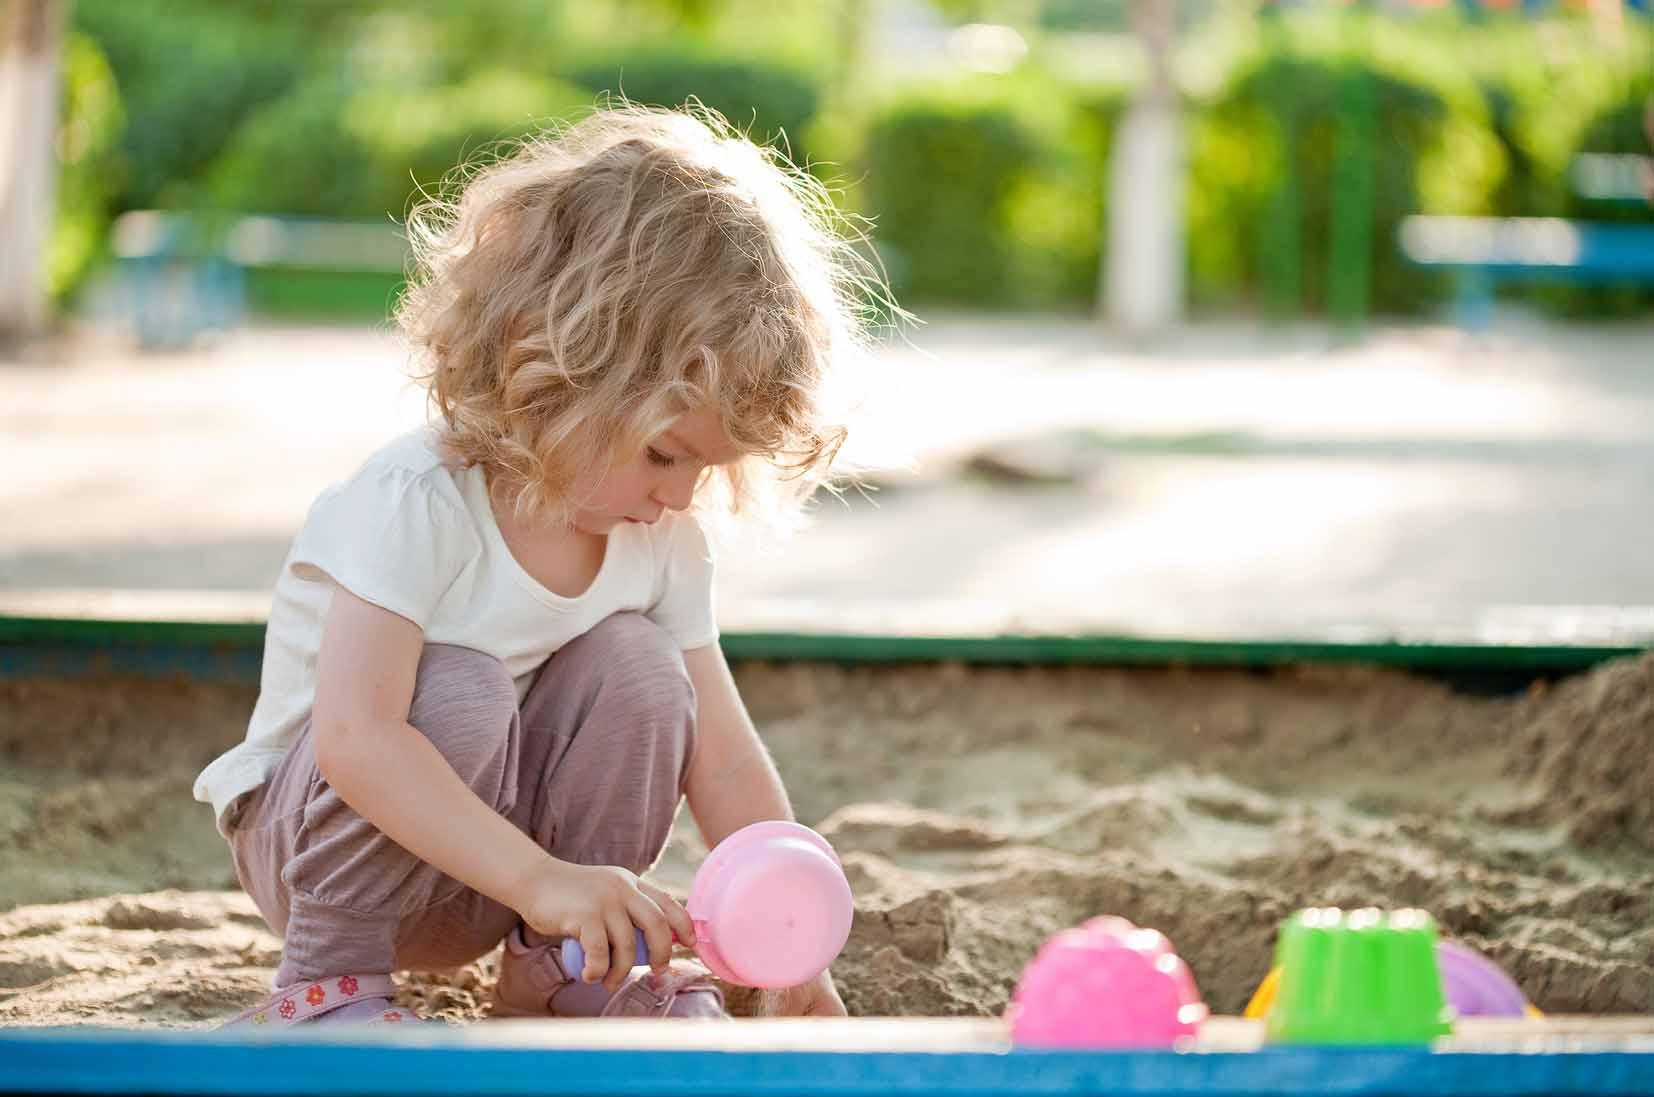 Поведение детей на детской площадке